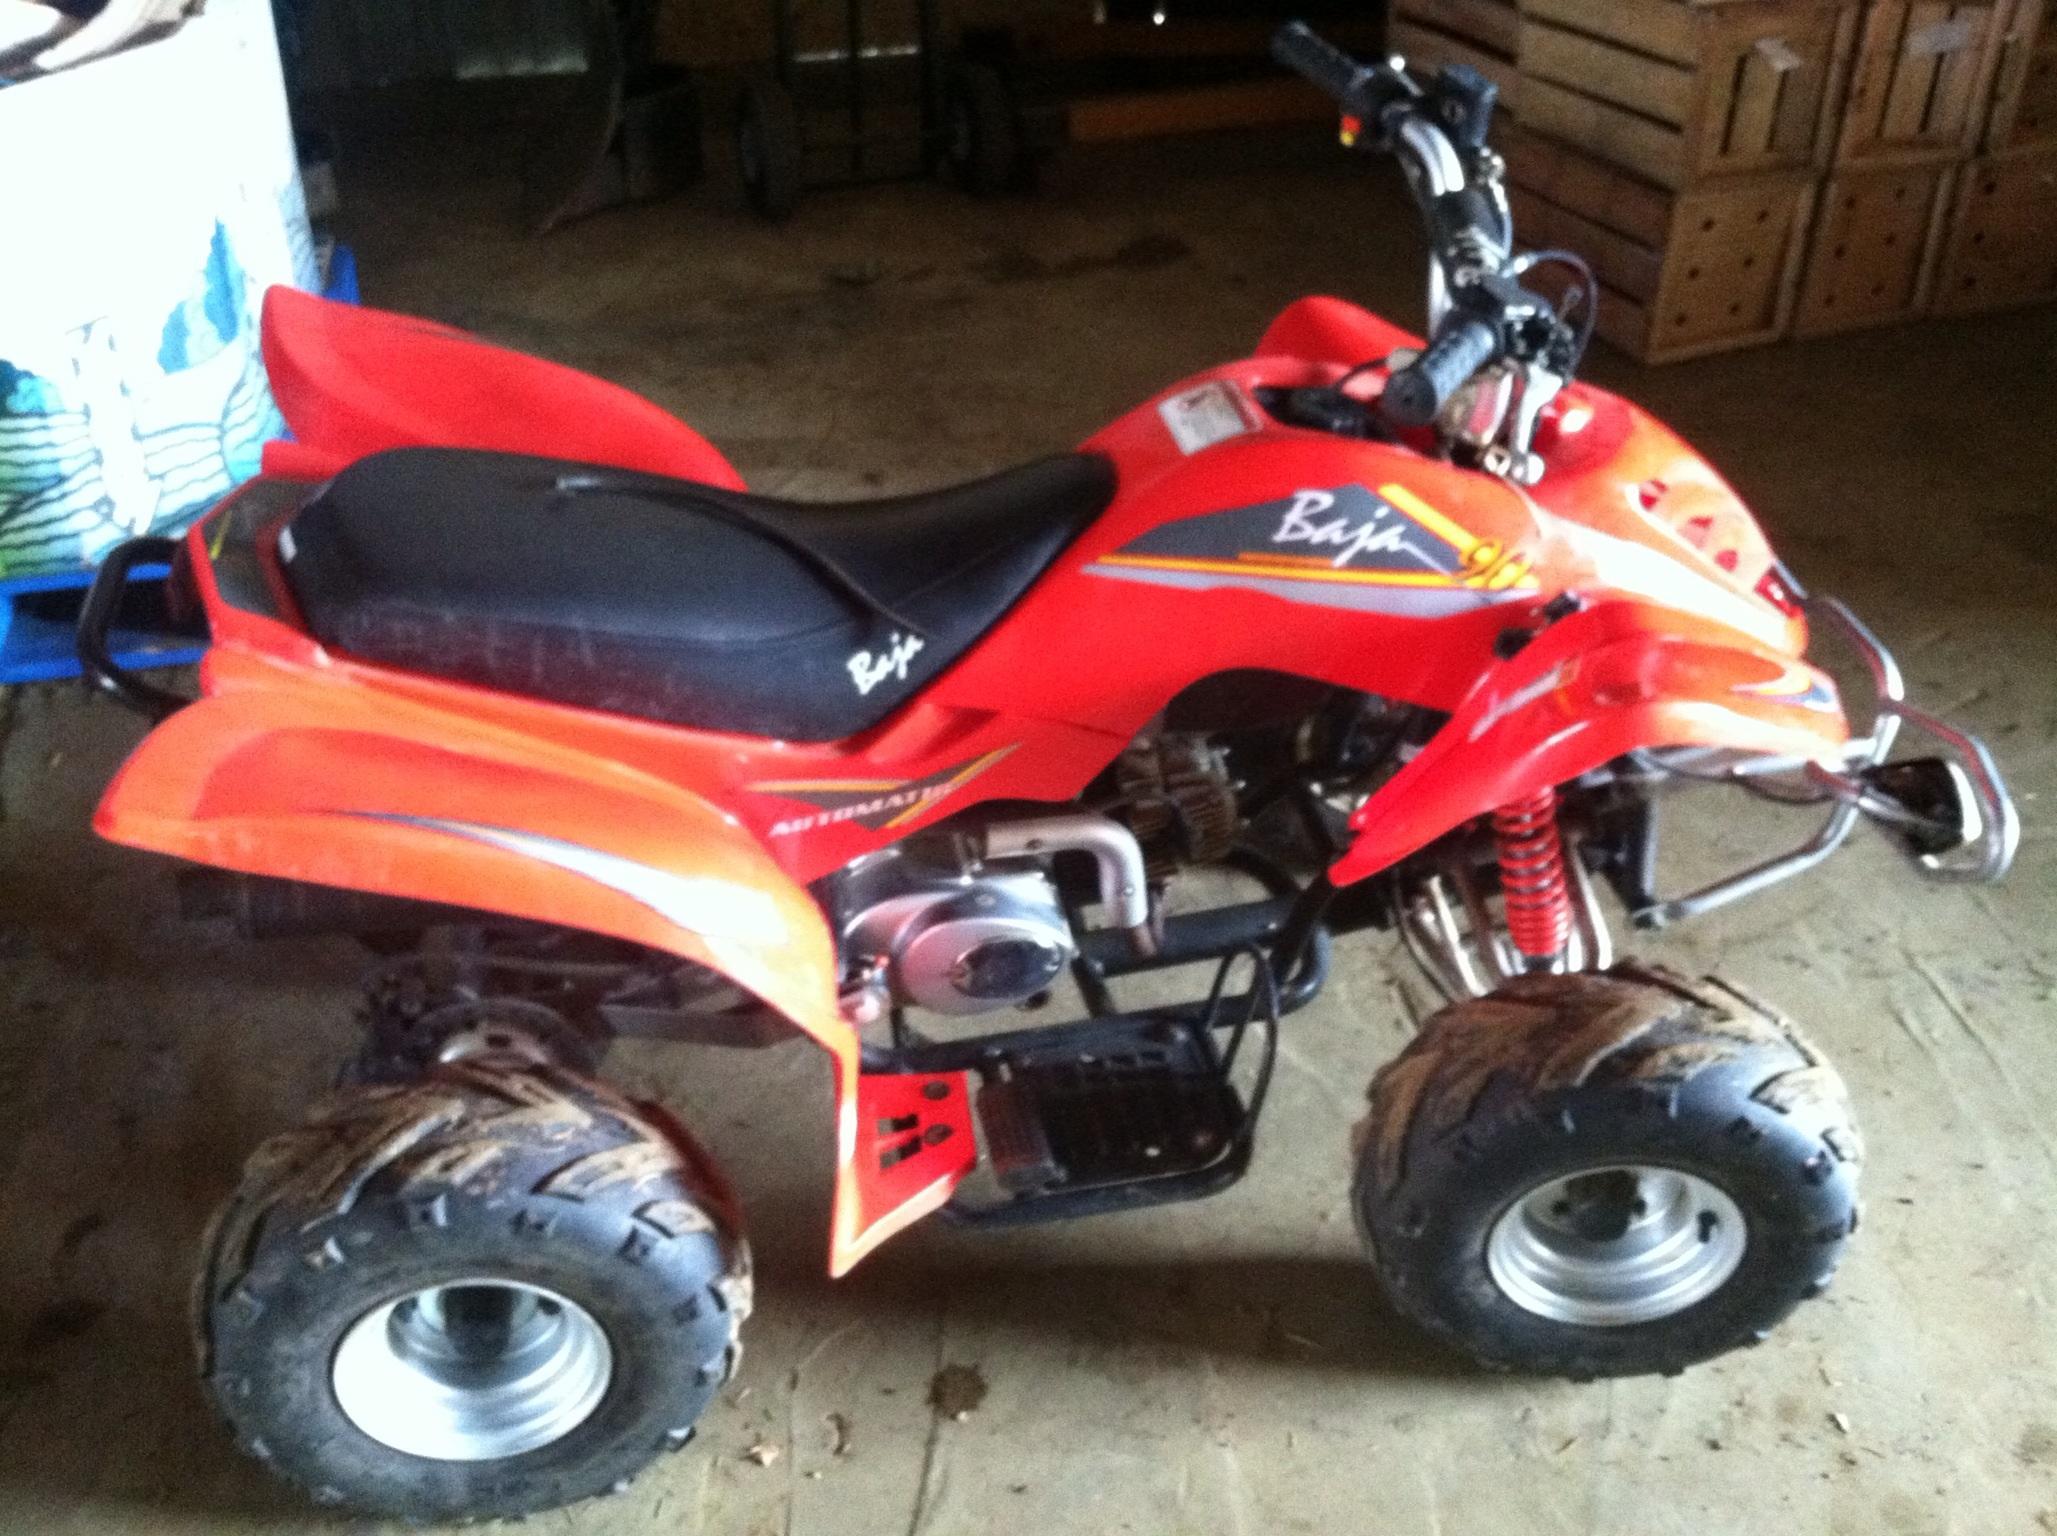 2008 Baja 90cc ATV (2 avail. for sale)